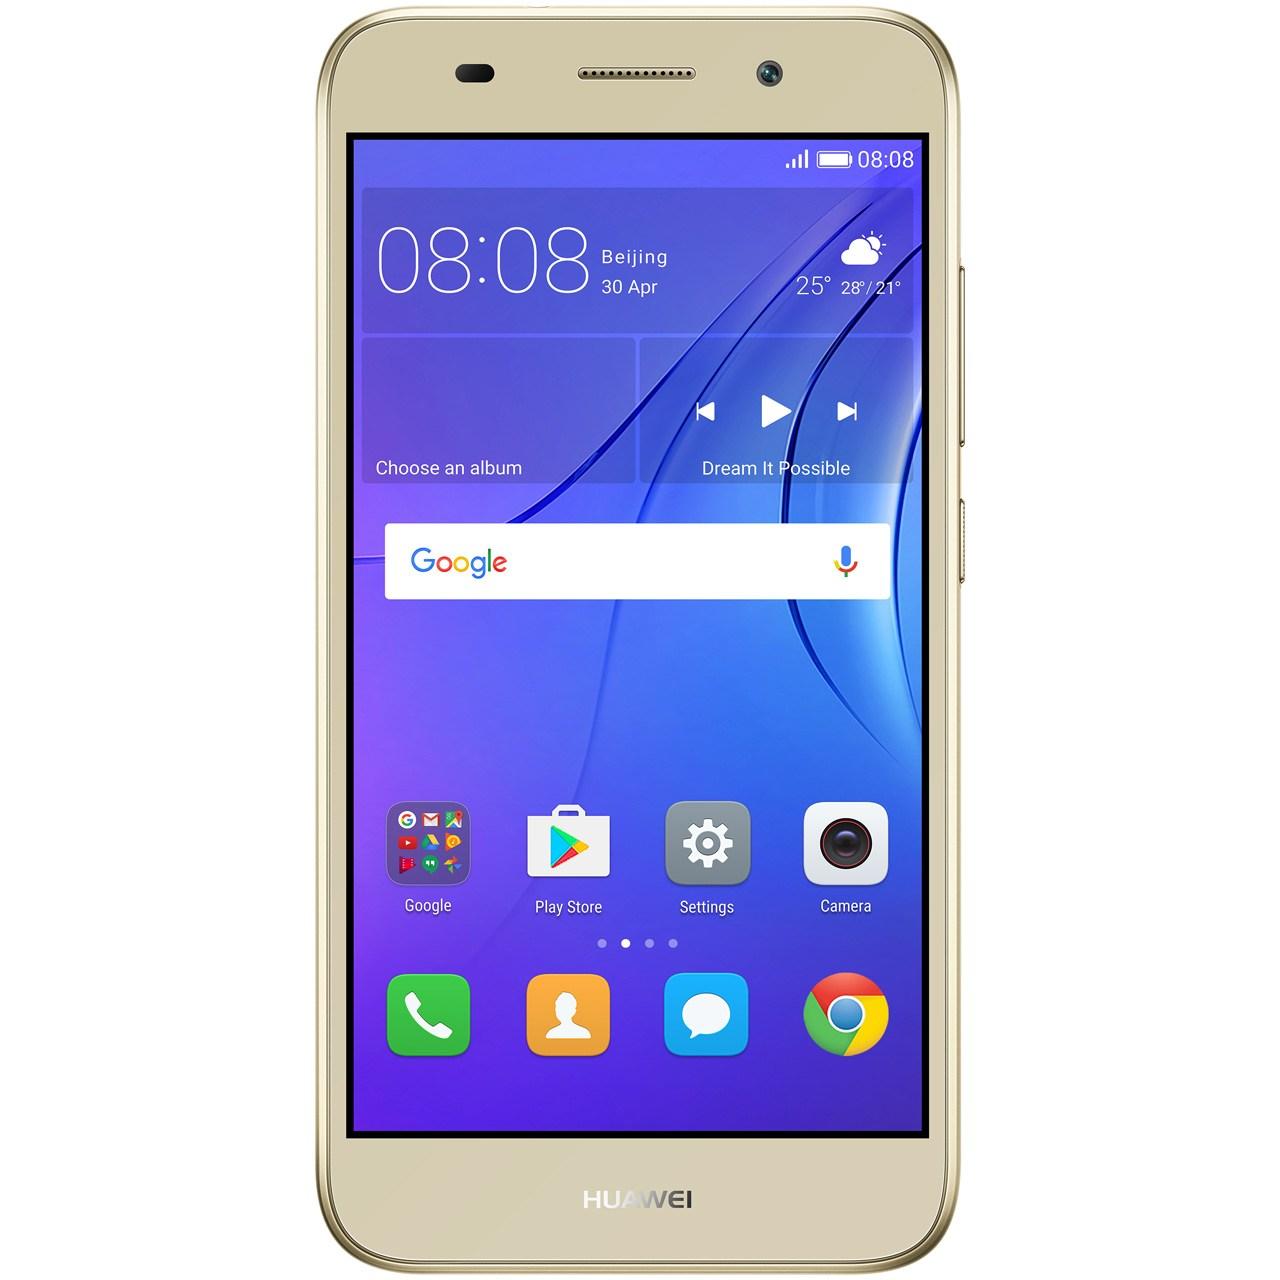 گوشی موبایل هوآوی مدل Y3 2017 4G دو سیم کارت | Huawei Y3 2017 4G Dual SIM Mobile Phone